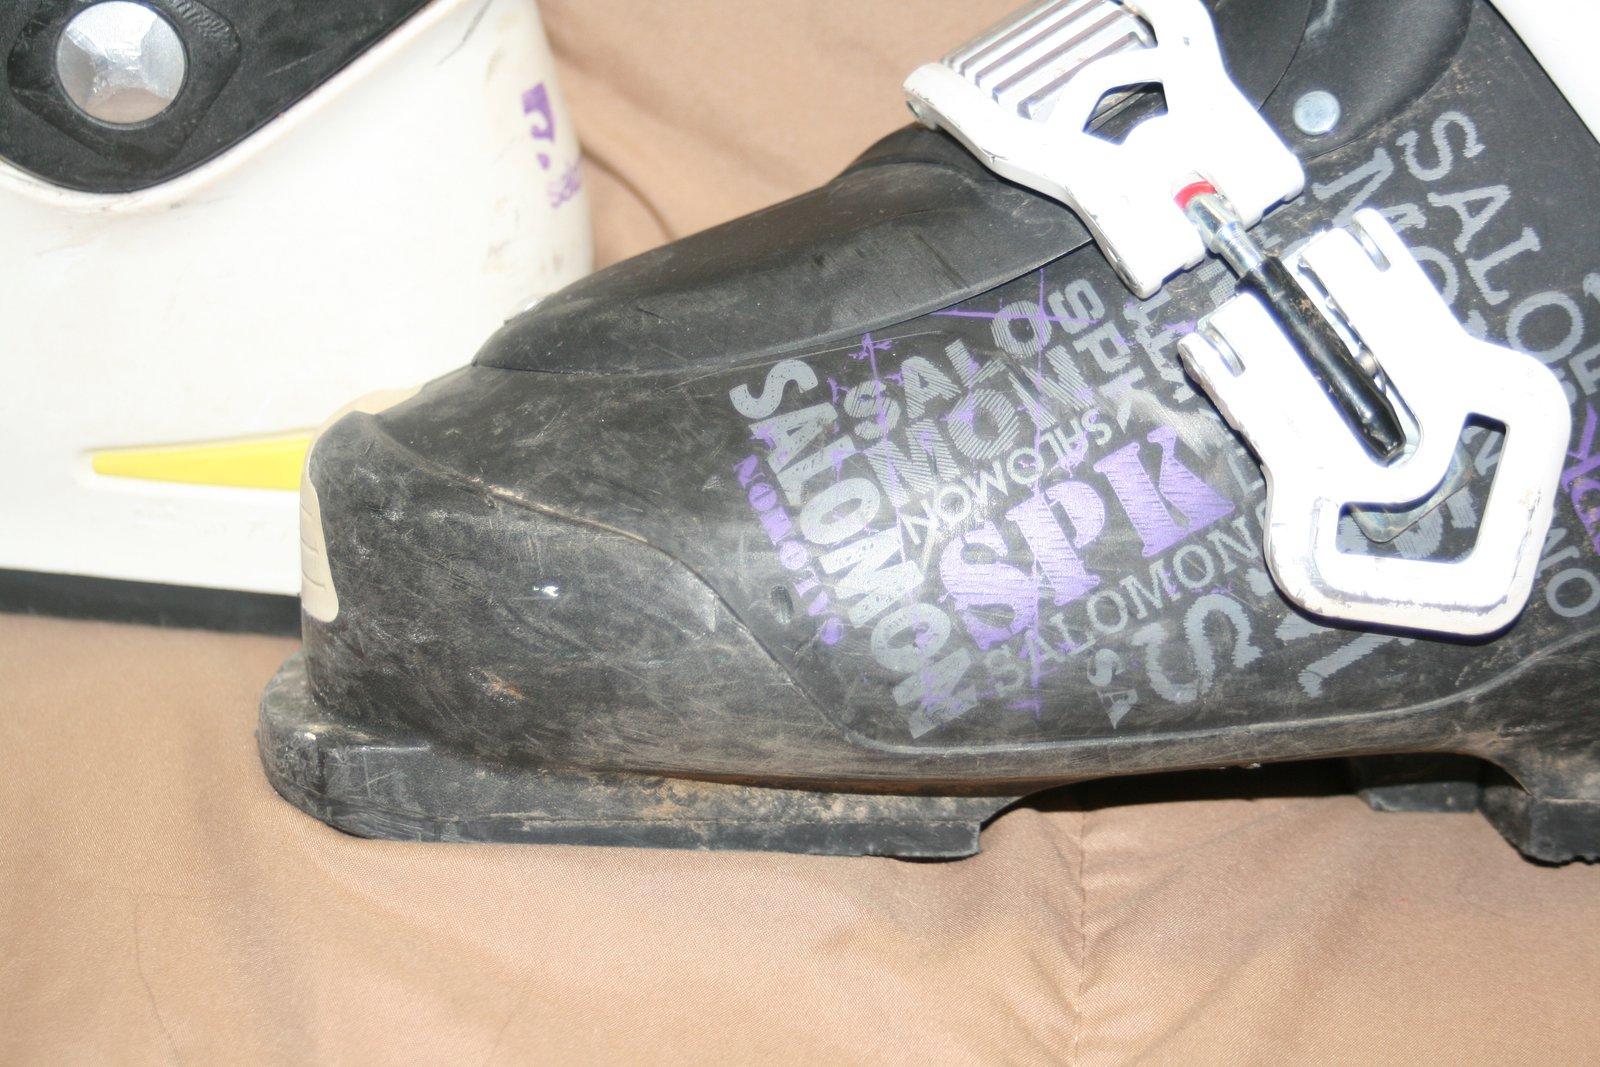 SPK black toed boot